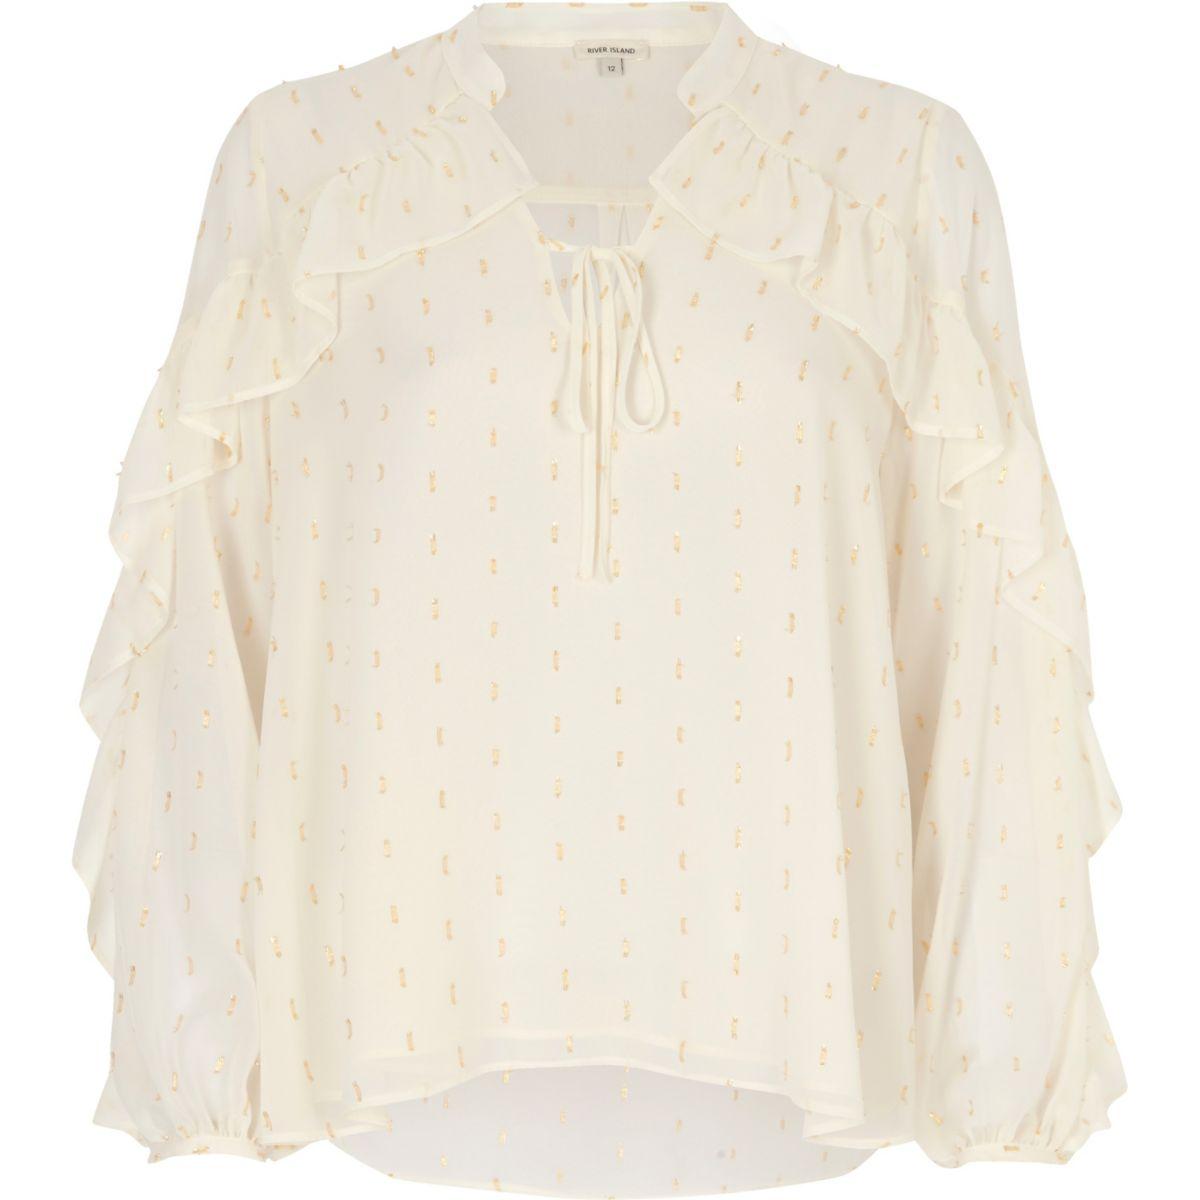 White metallic print frill blouse